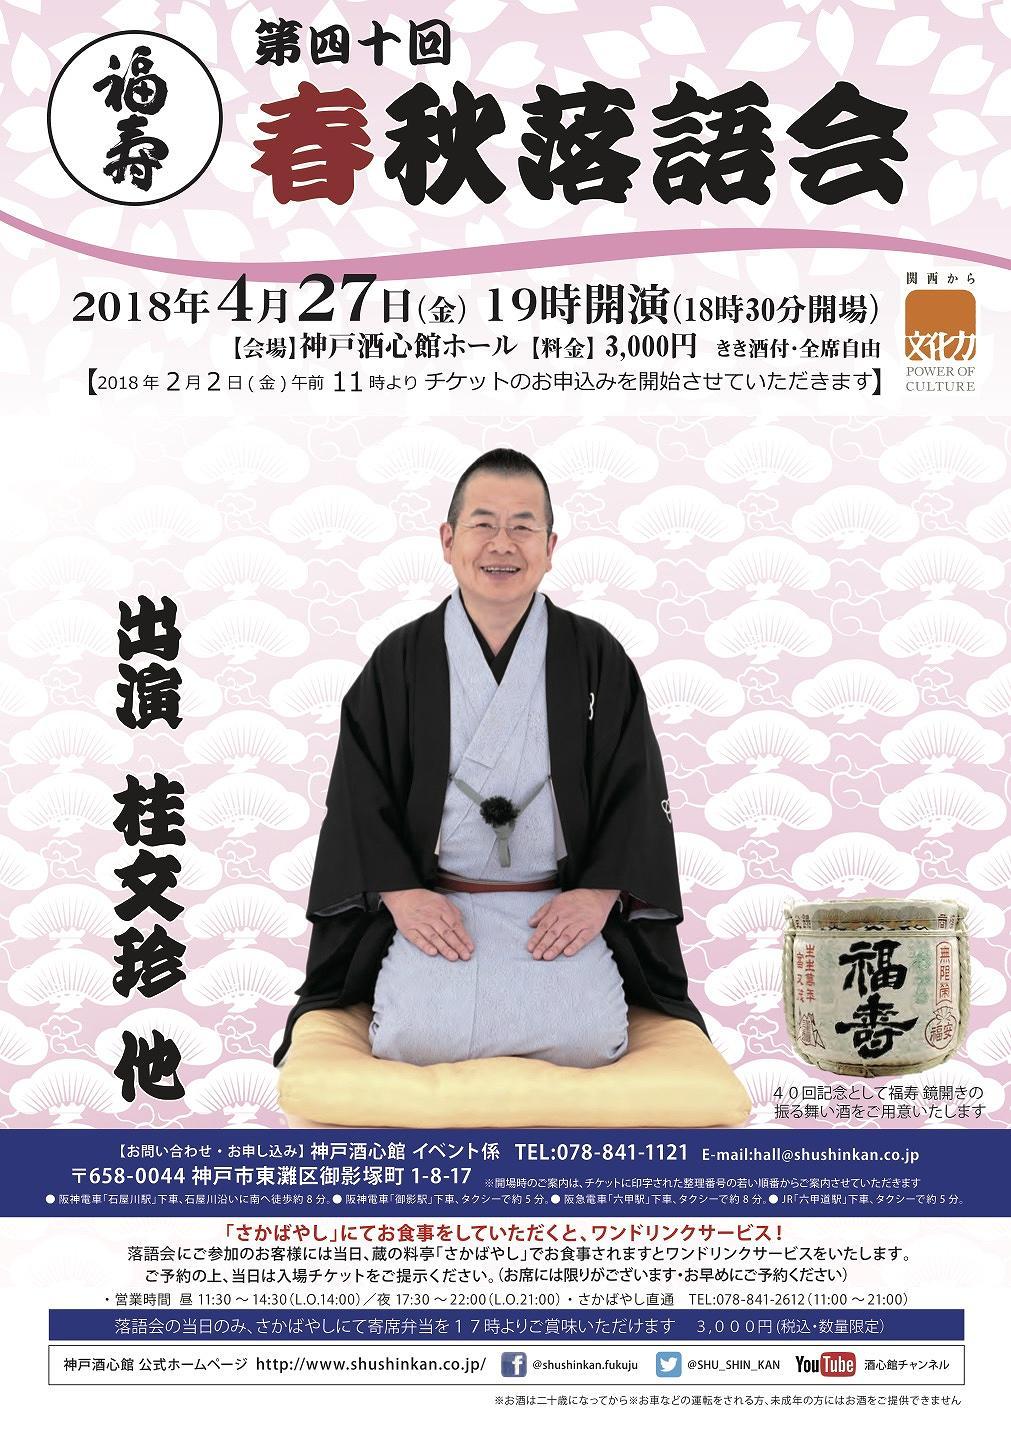 神戸・御影の神戸酒心館で2018年4月27日(金)「第40回 春秋落語会」が開催されるよ! #神戸酒心館 #落語 #桂文珍